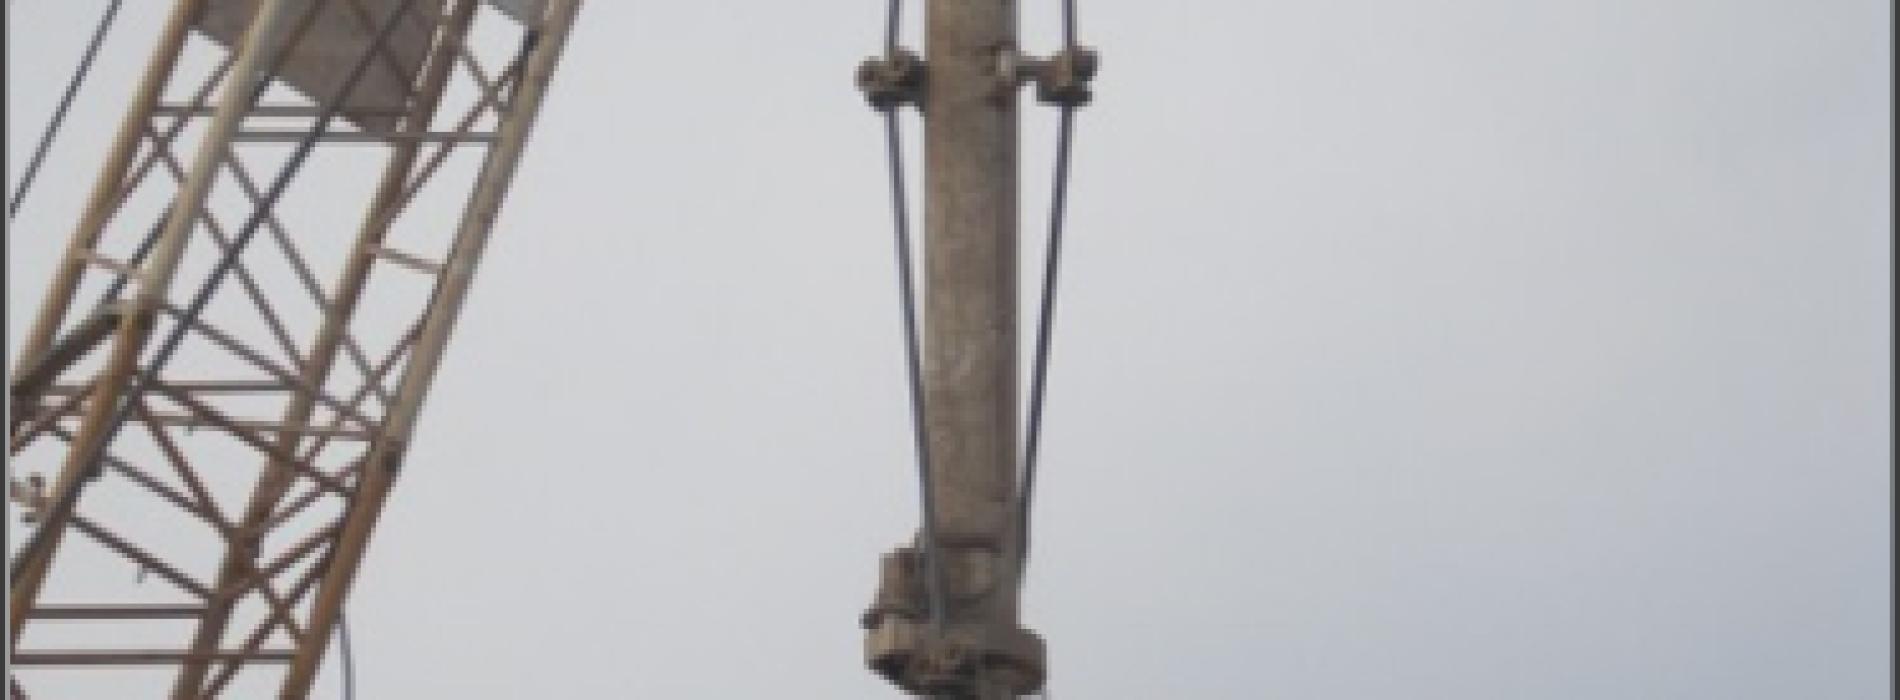 Sistemas de cuchara hidráulica